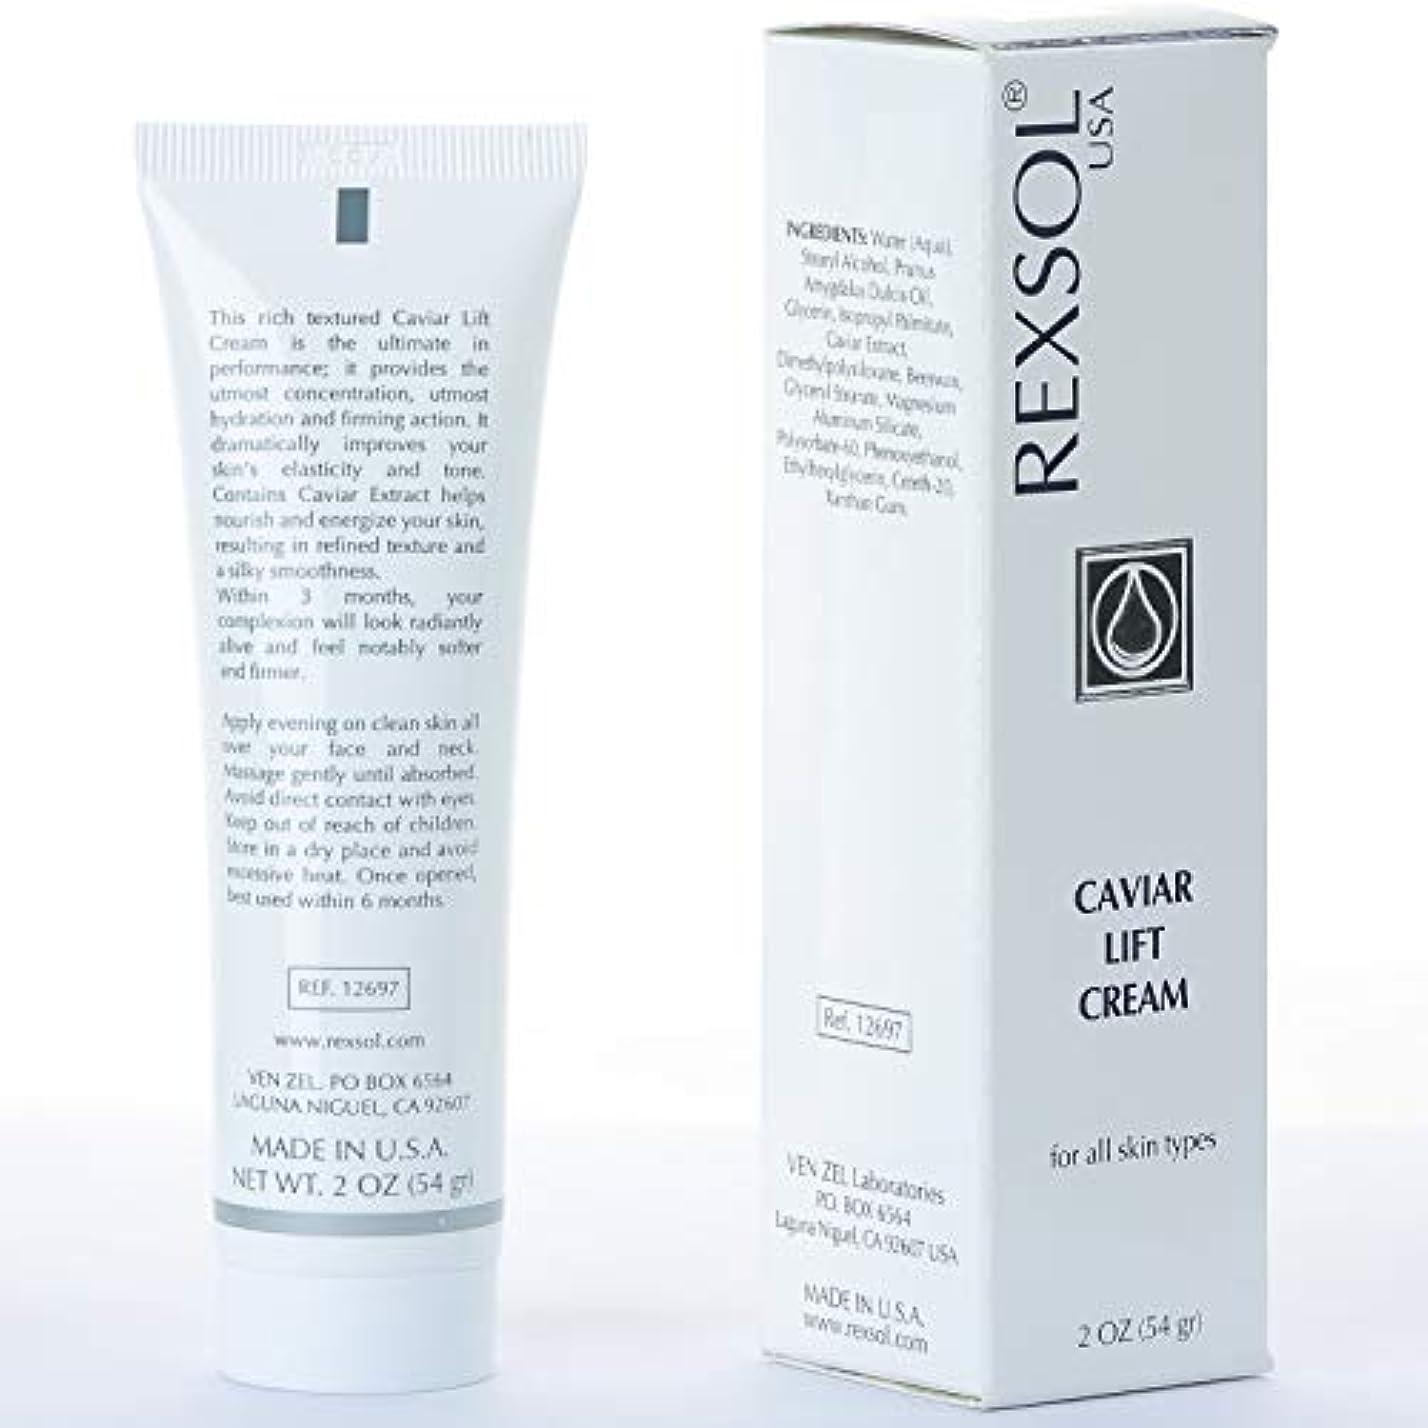 病院約設定敬REXSOL Caviar Lift Cream | Contains Prunus Amygdalus Dulcis Oil, Glycerin, Beeswax & Caviar Extract | あなたの肌の弾力とトーンを改善します。| 最高の水分補給作用(54 gr/2 fl oz)